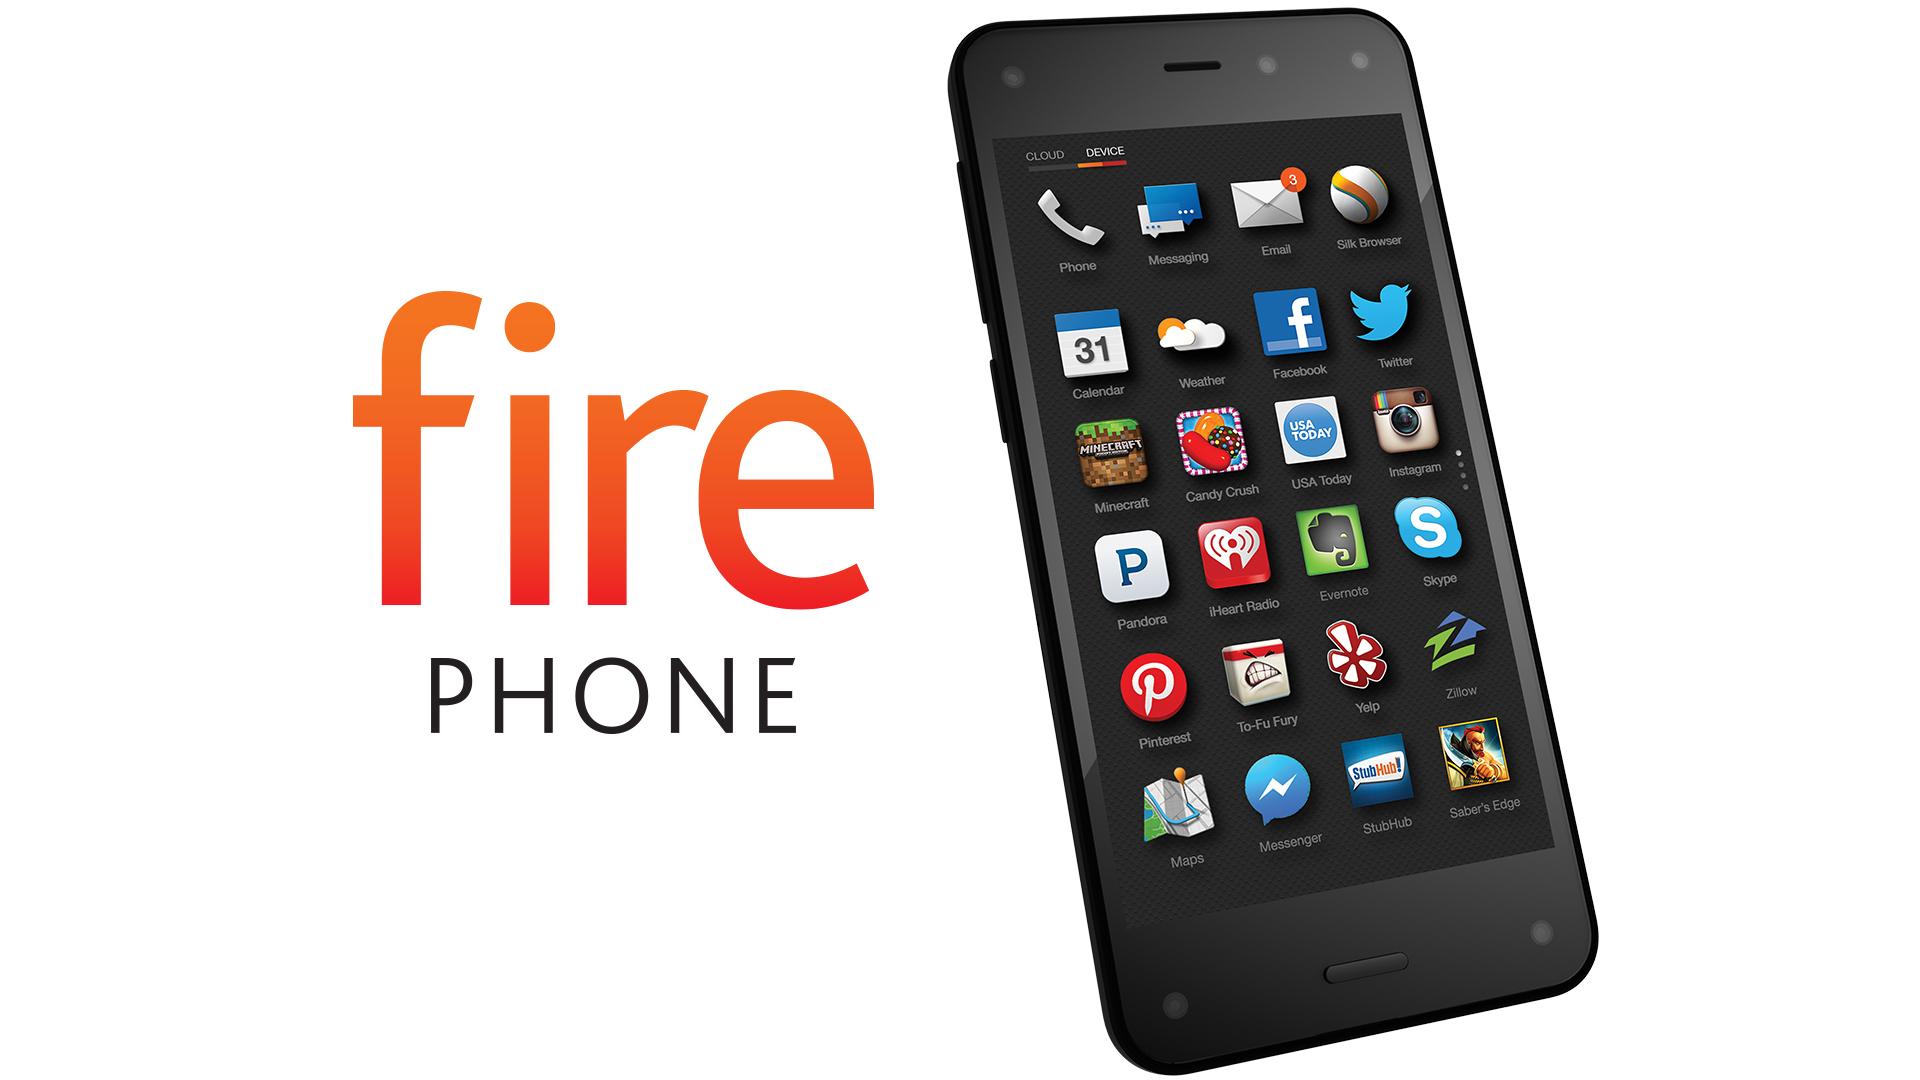 Amazon's Fire Phone.